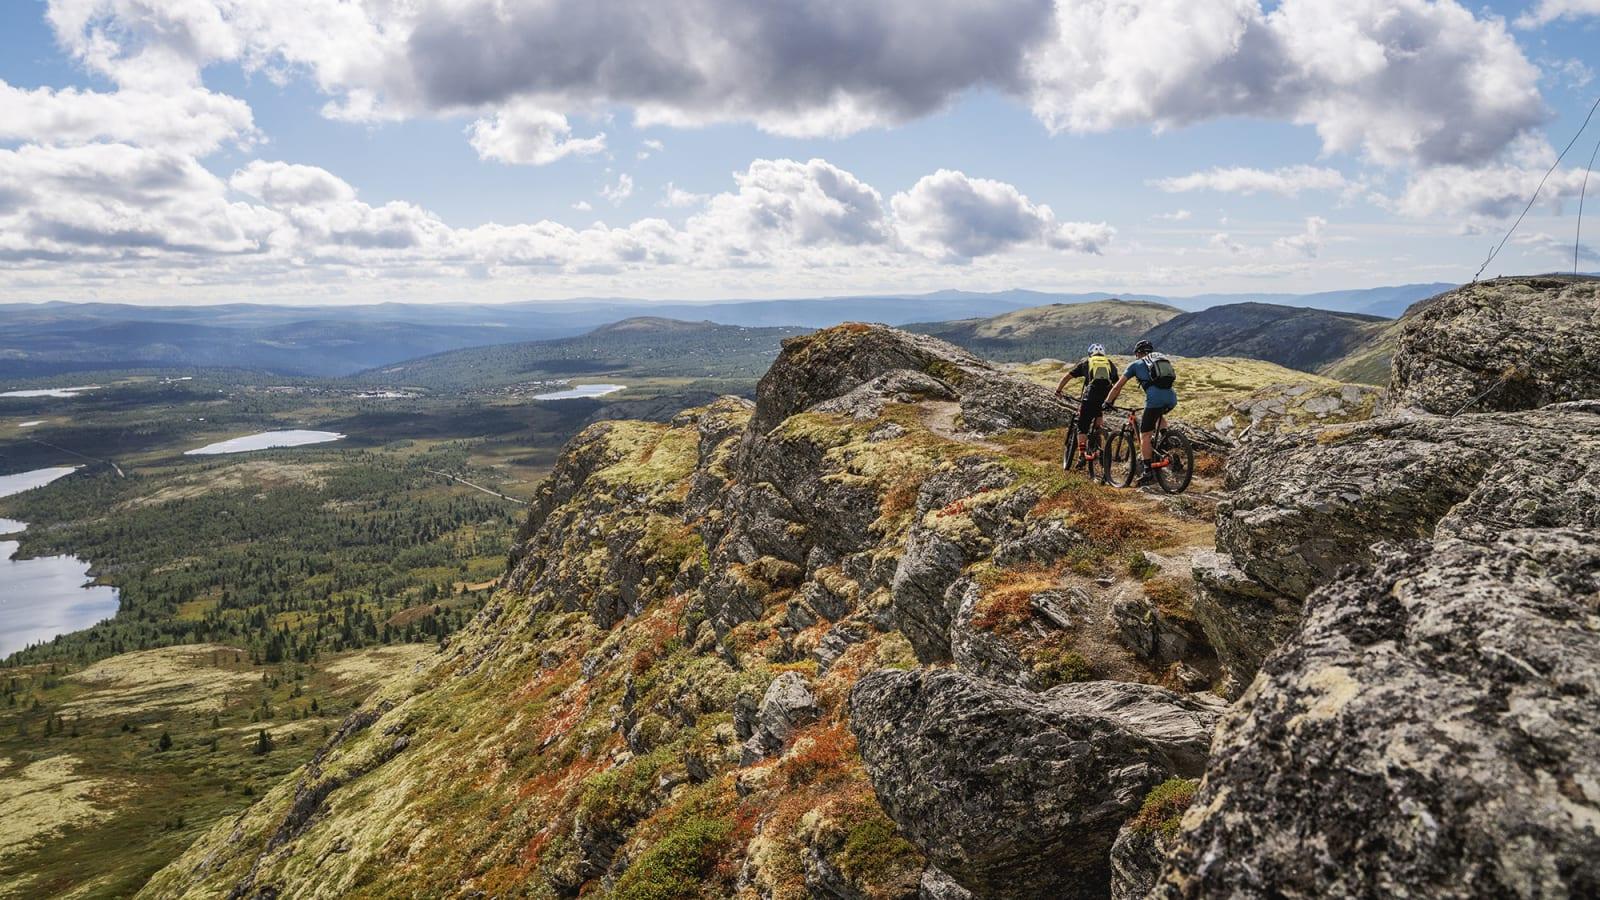 VENABYGDSMAGI: Syklingen fra toppen av Svartfjell er rett og slett helt fantastisk. Bilde: Magnus Roaldset Furset